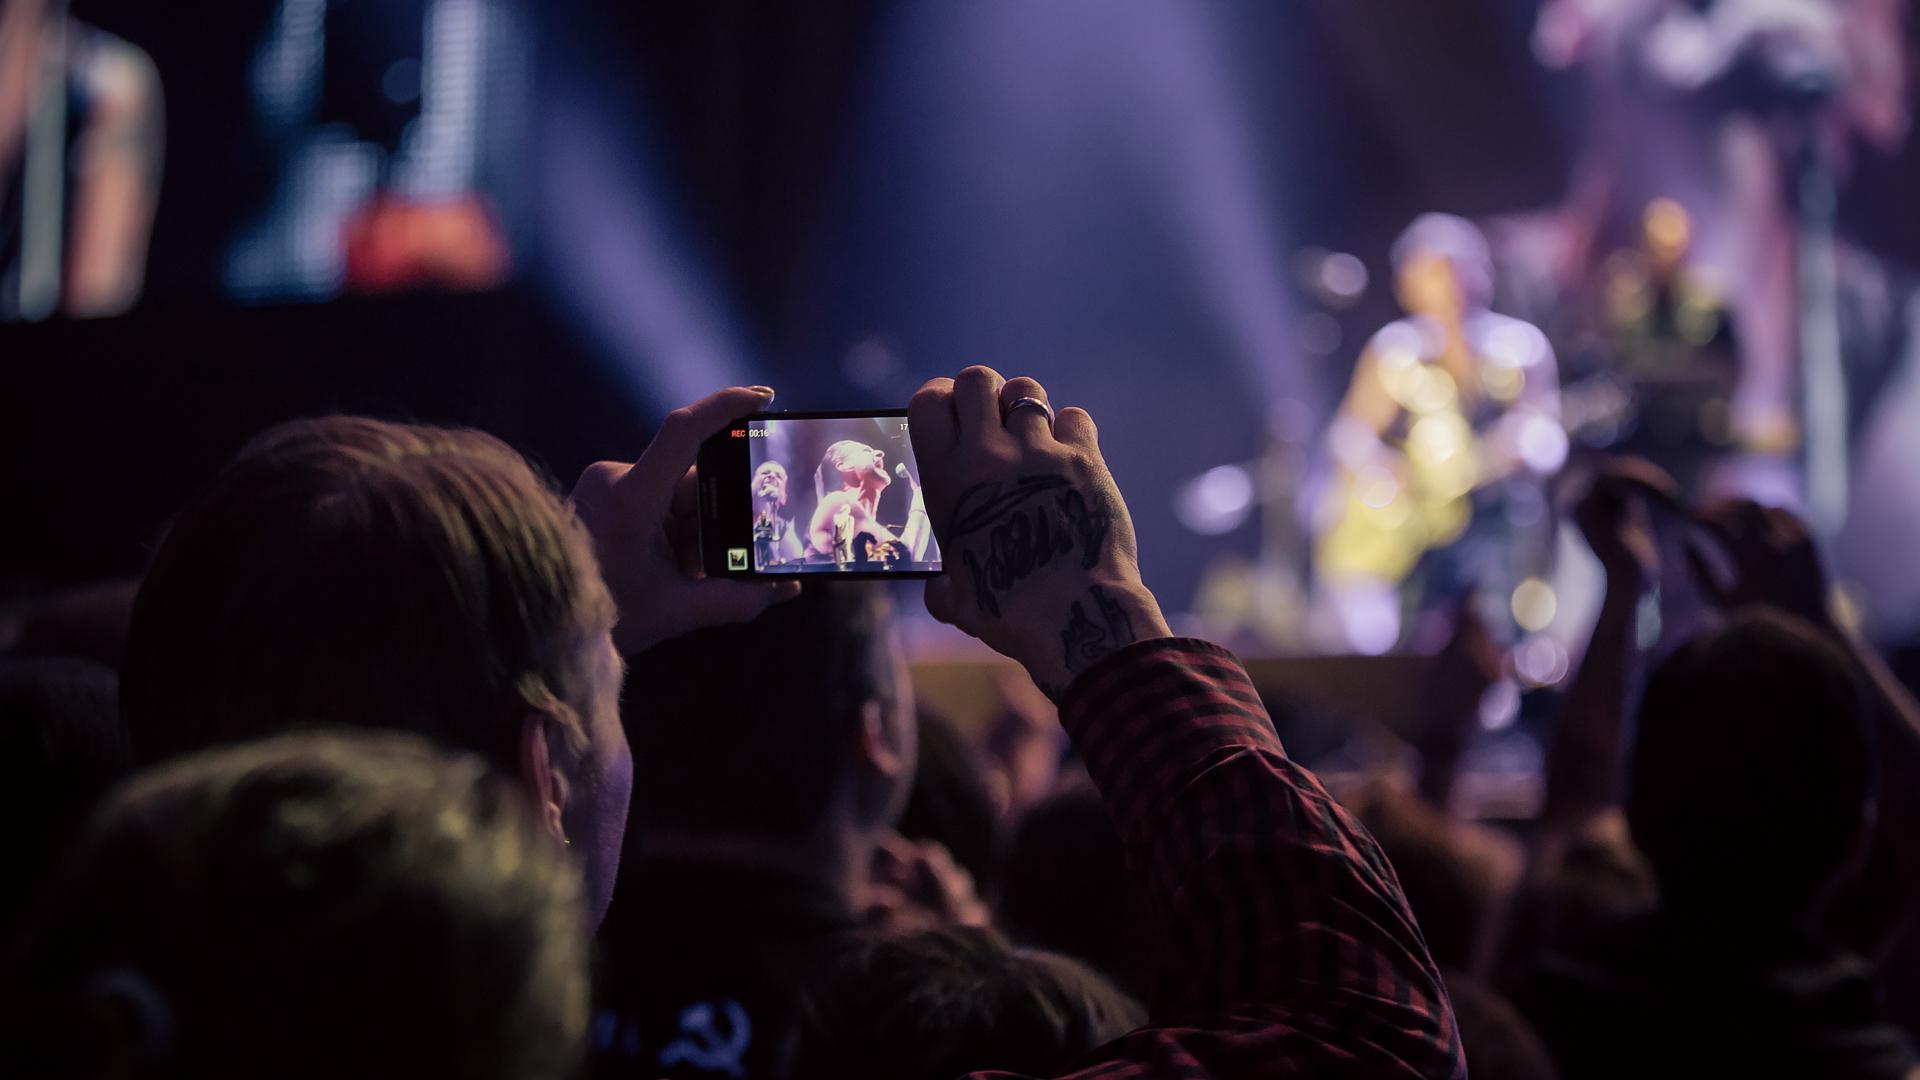 NRK søker mobilfotografer